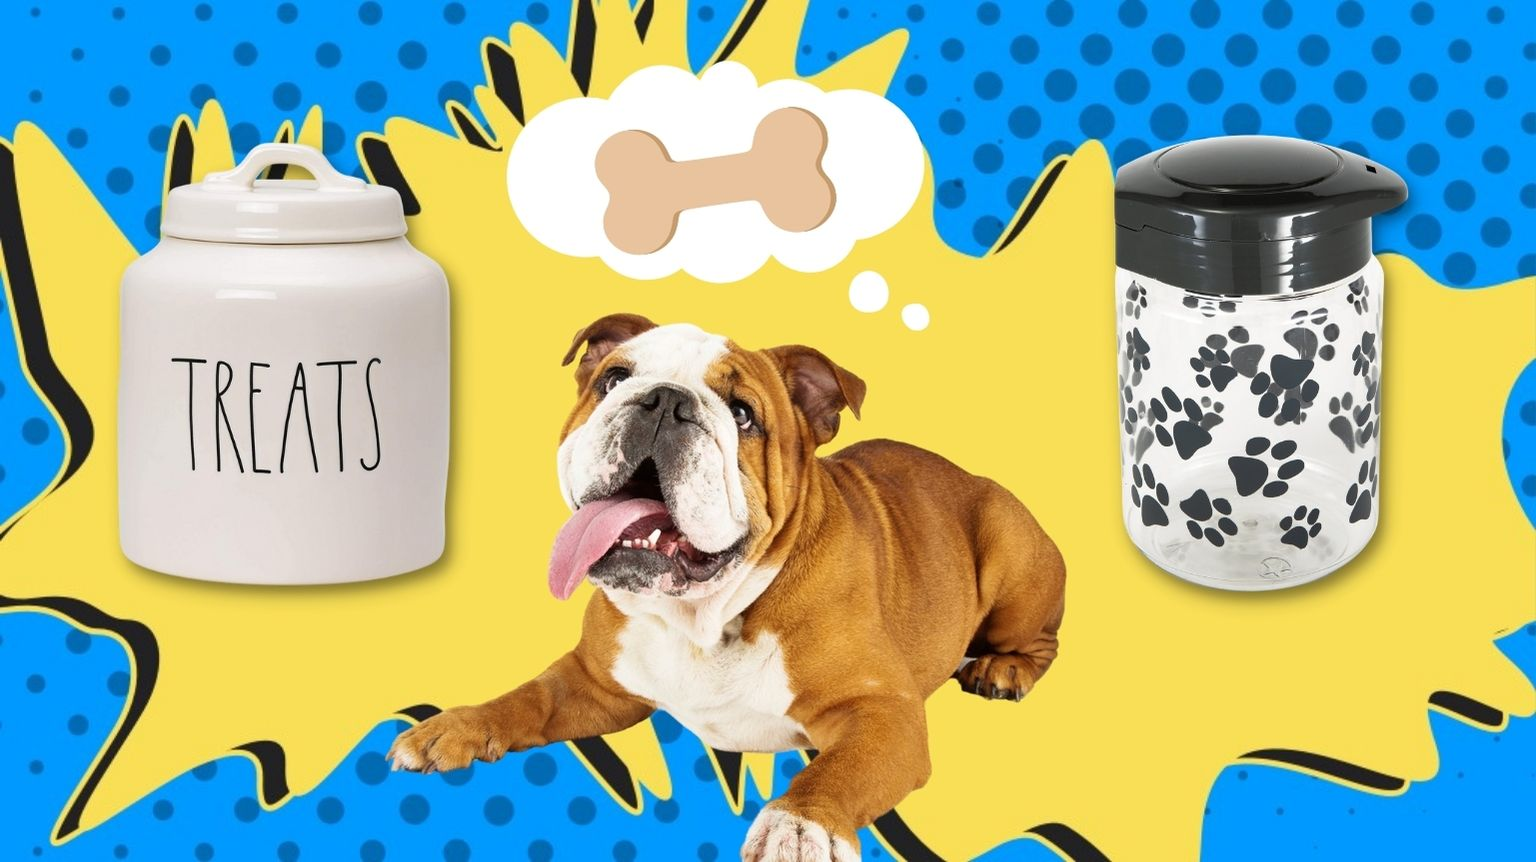 Bulldog surrounded by dog treat jars